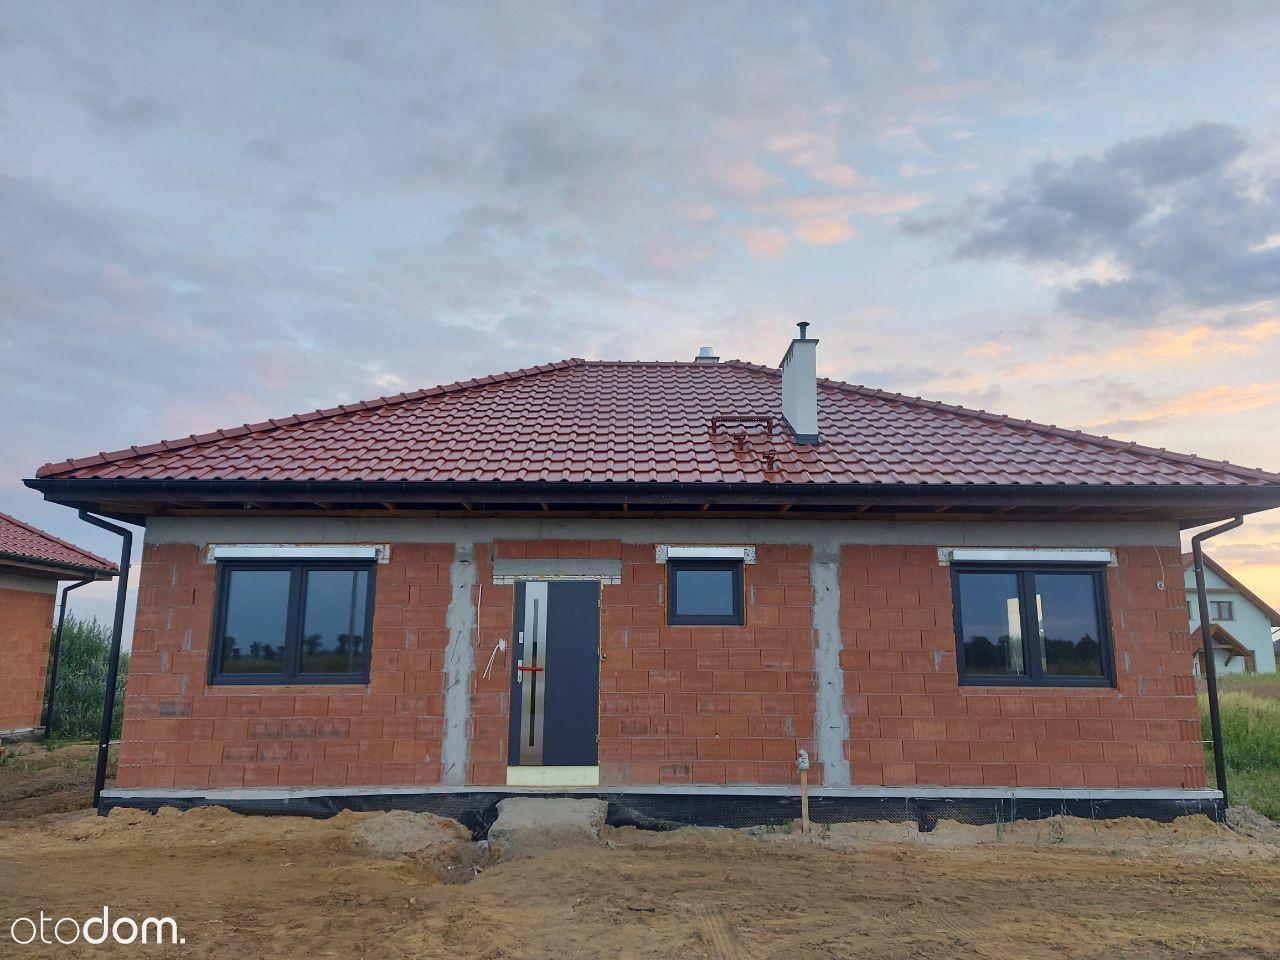 Dom jednorodzinny, mieszkanie blisko Oleśnica